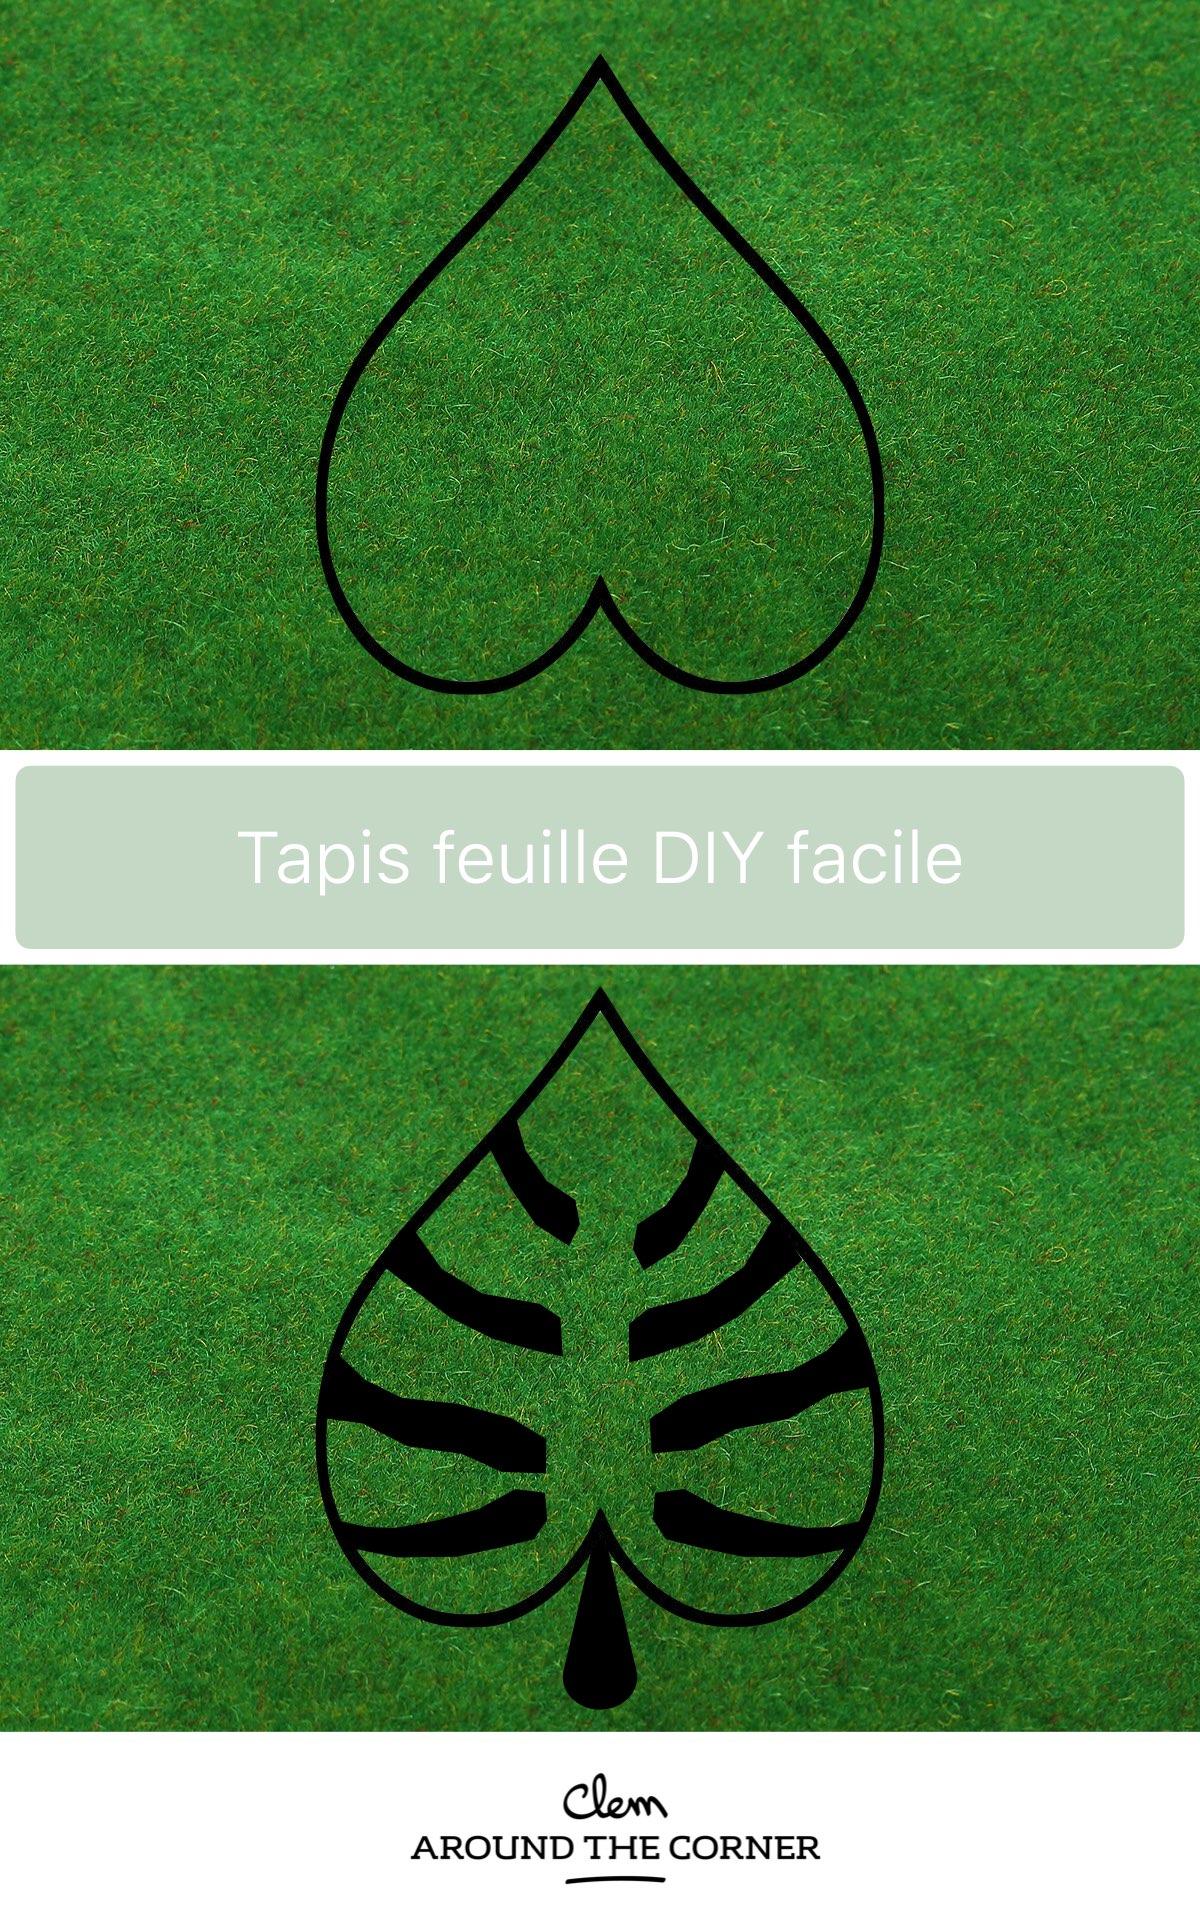 fabriquer découper tapis feuille moquette original - blog déco clemaroundthecorner